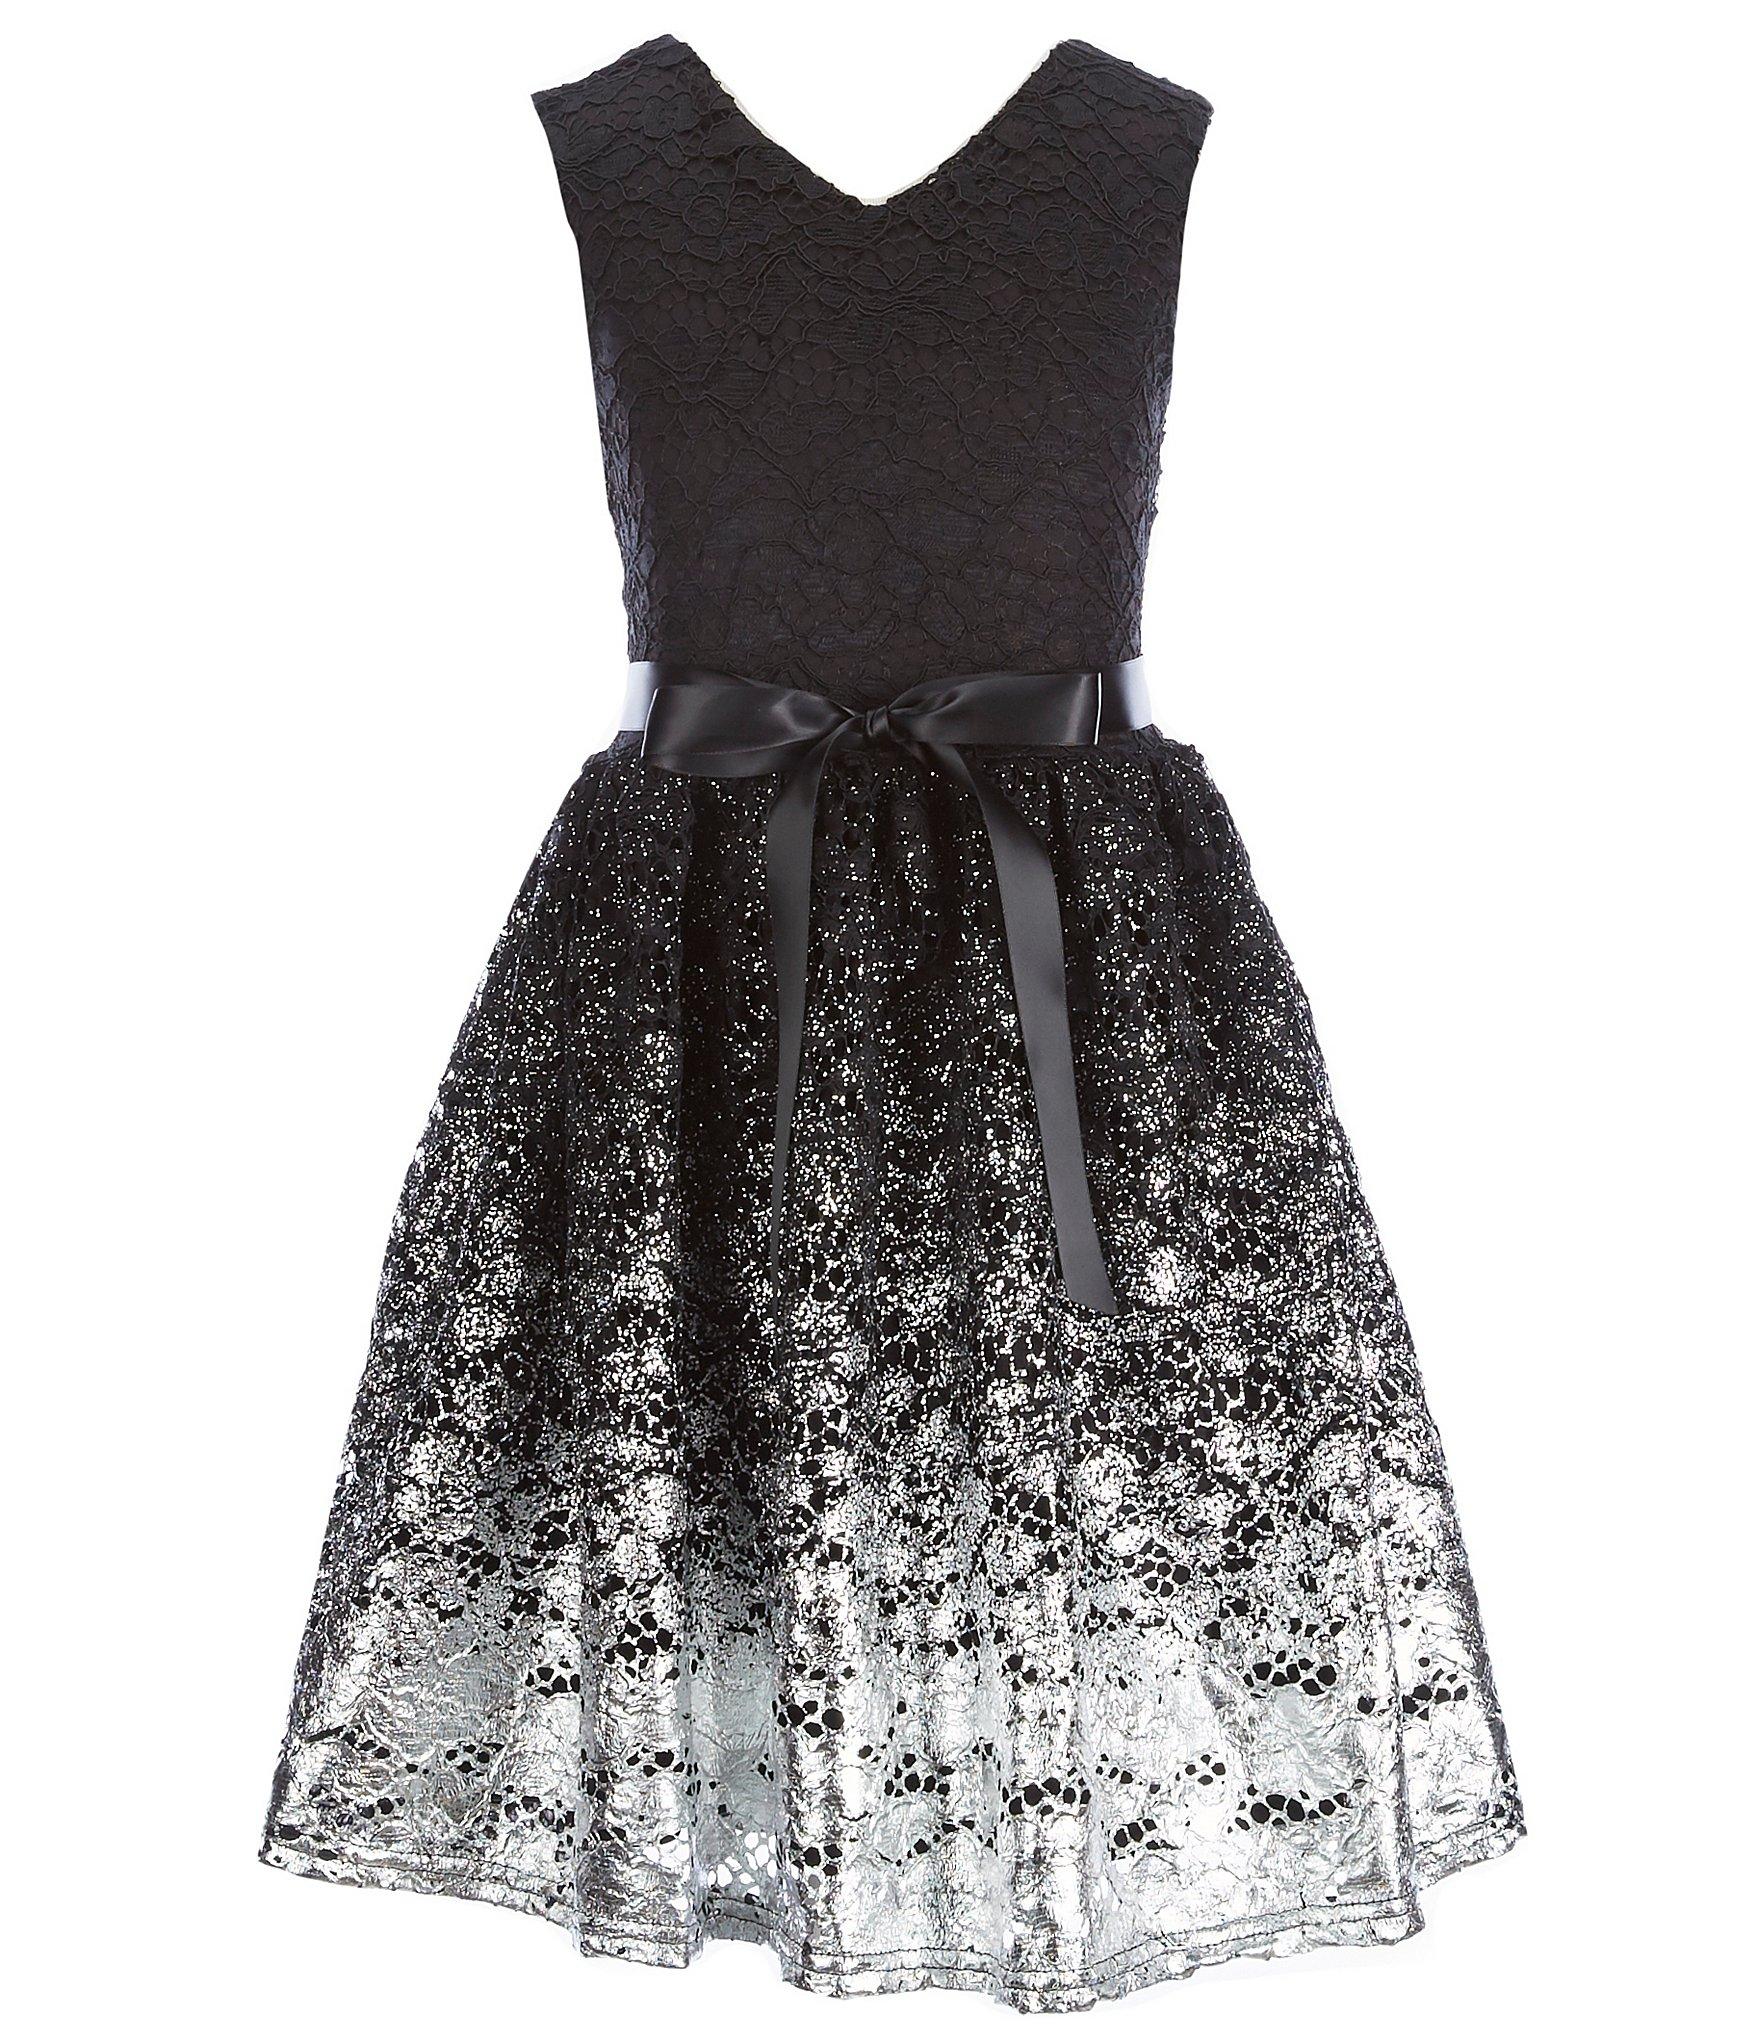 Black Dresses Collection Girls Formal Dresses 7 16 Black